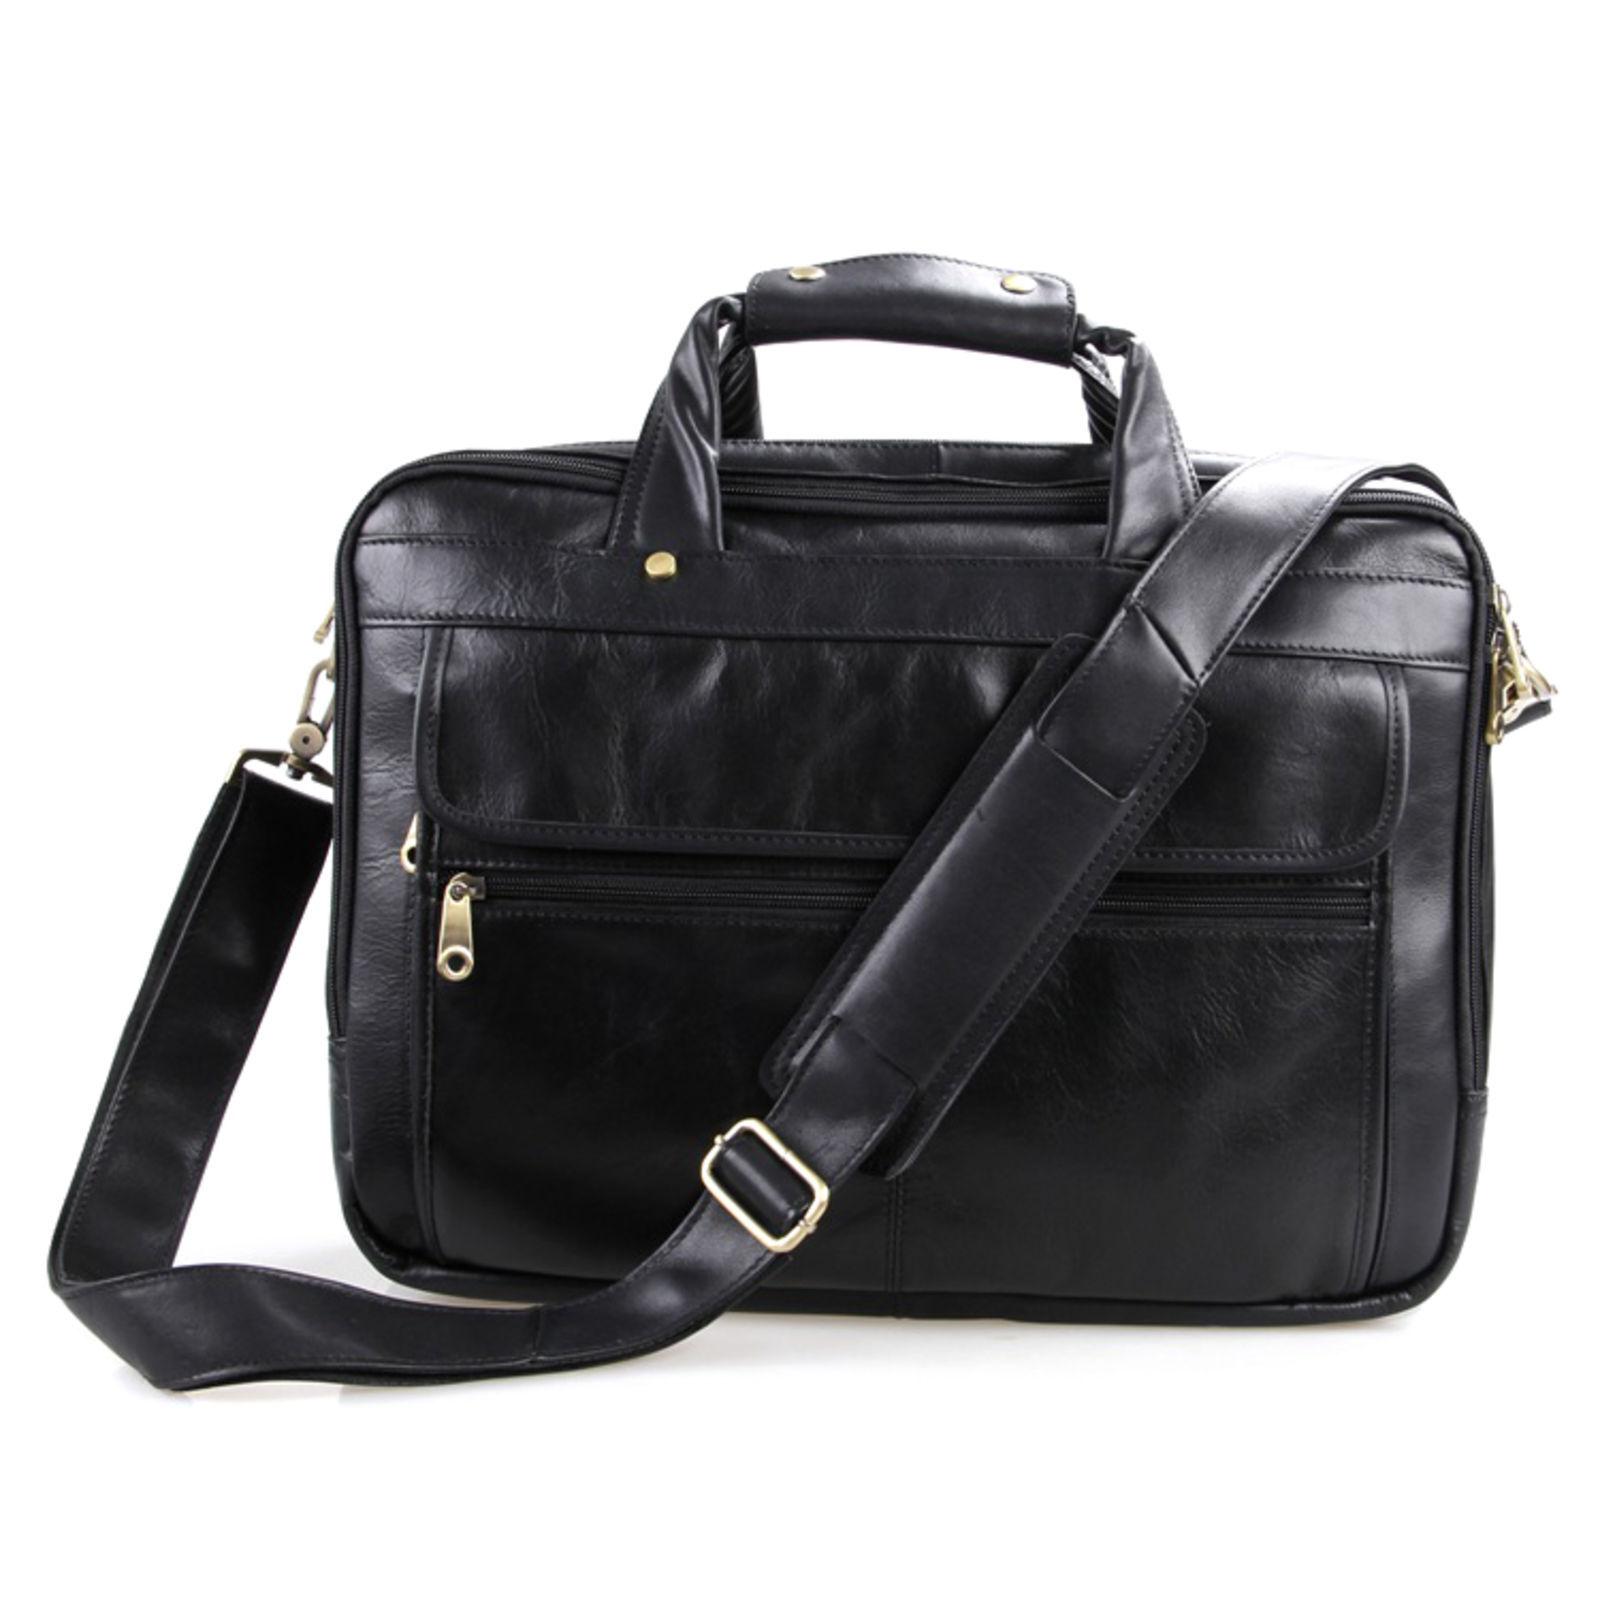 Delton Bags Porte-documents compact en cuir noir